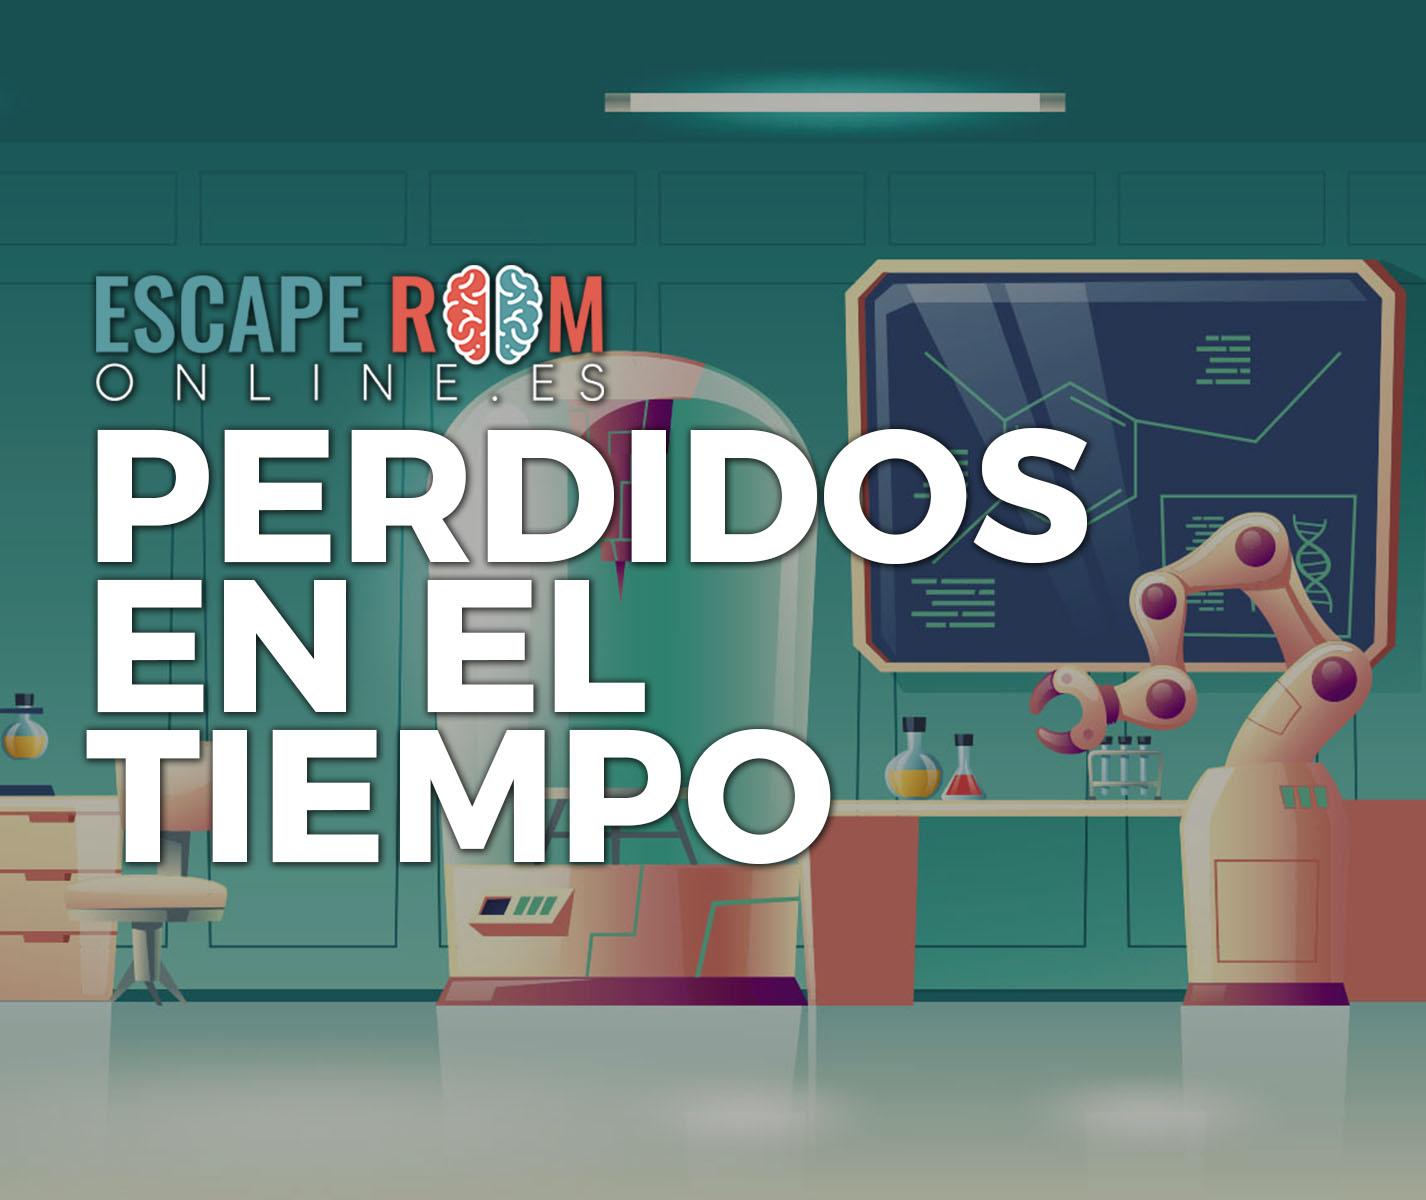 escape room Perdidos en el tiempo